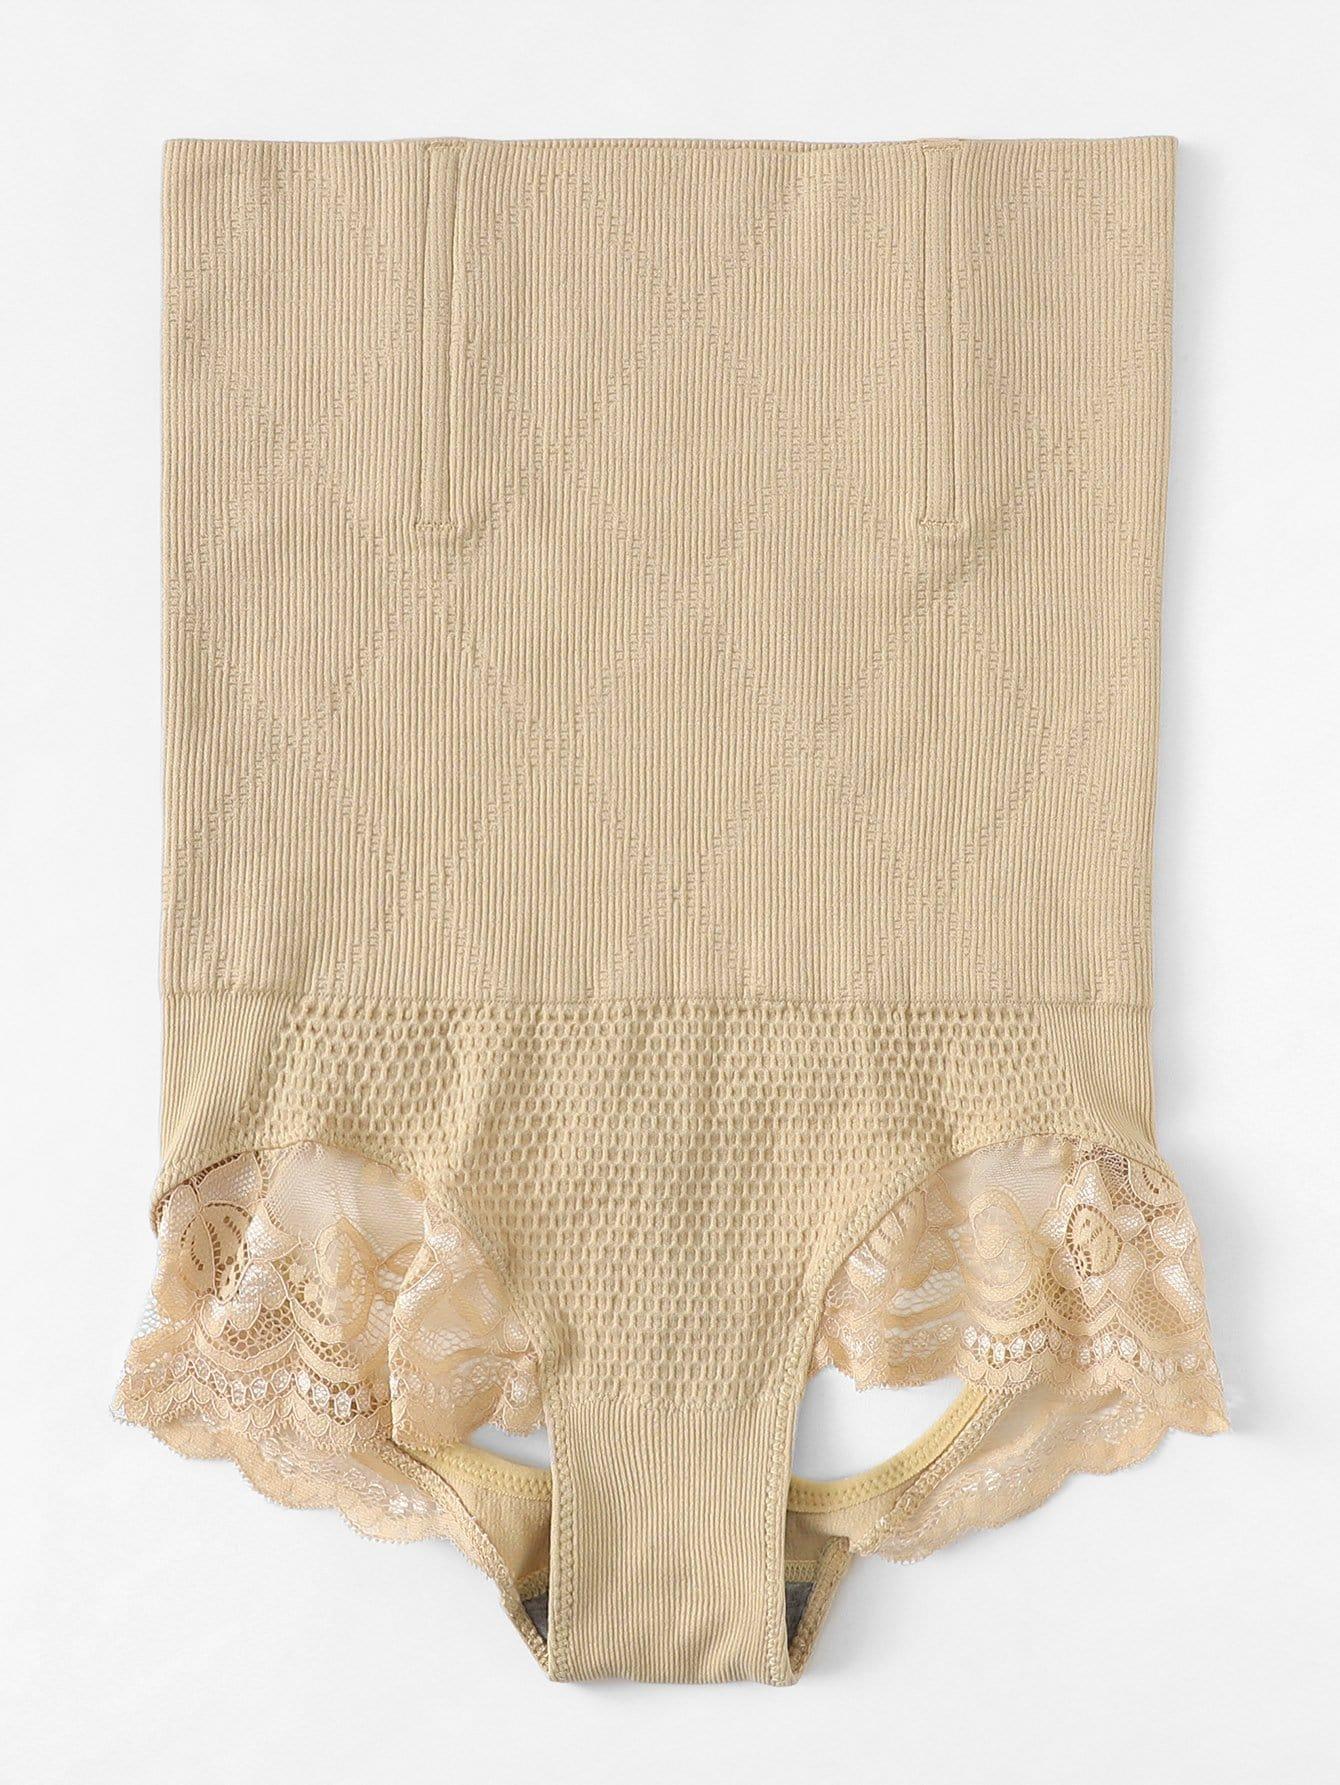 Plus Cut-Out Contrast Lace Shapewear Panty